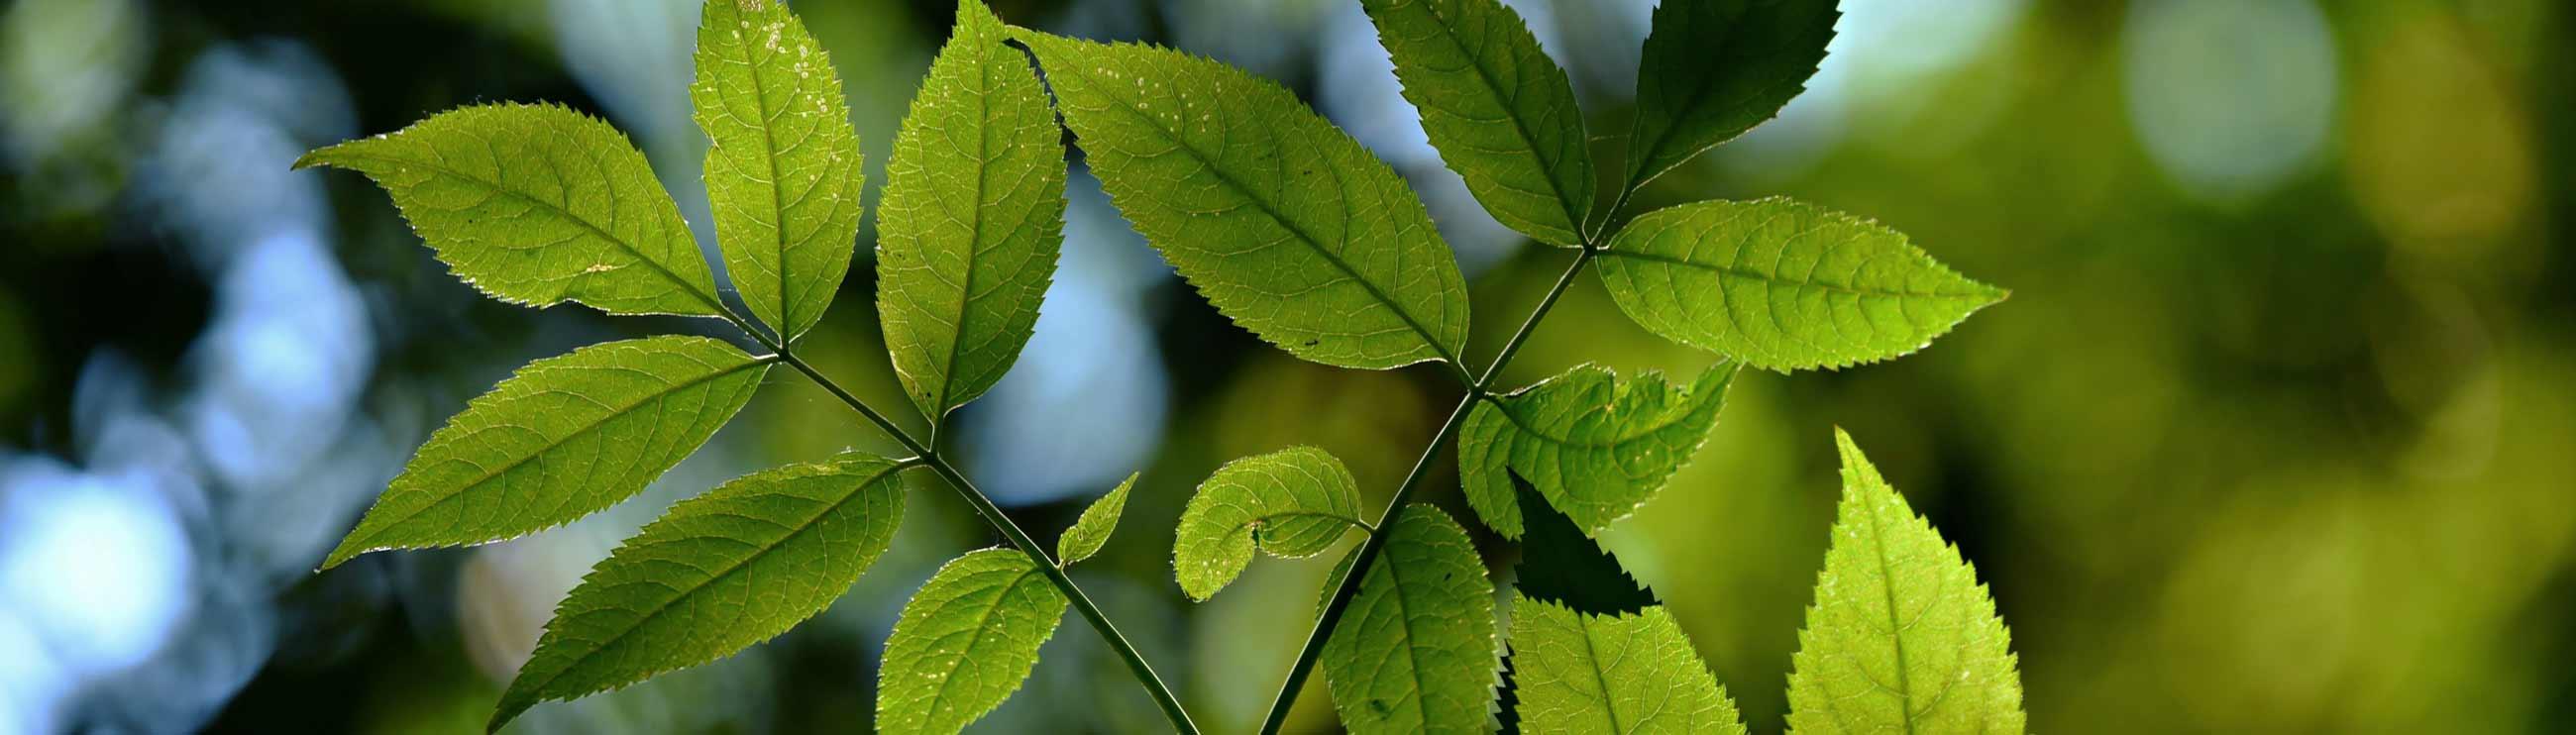 Sostenibilidad: punto limpio y reutilización